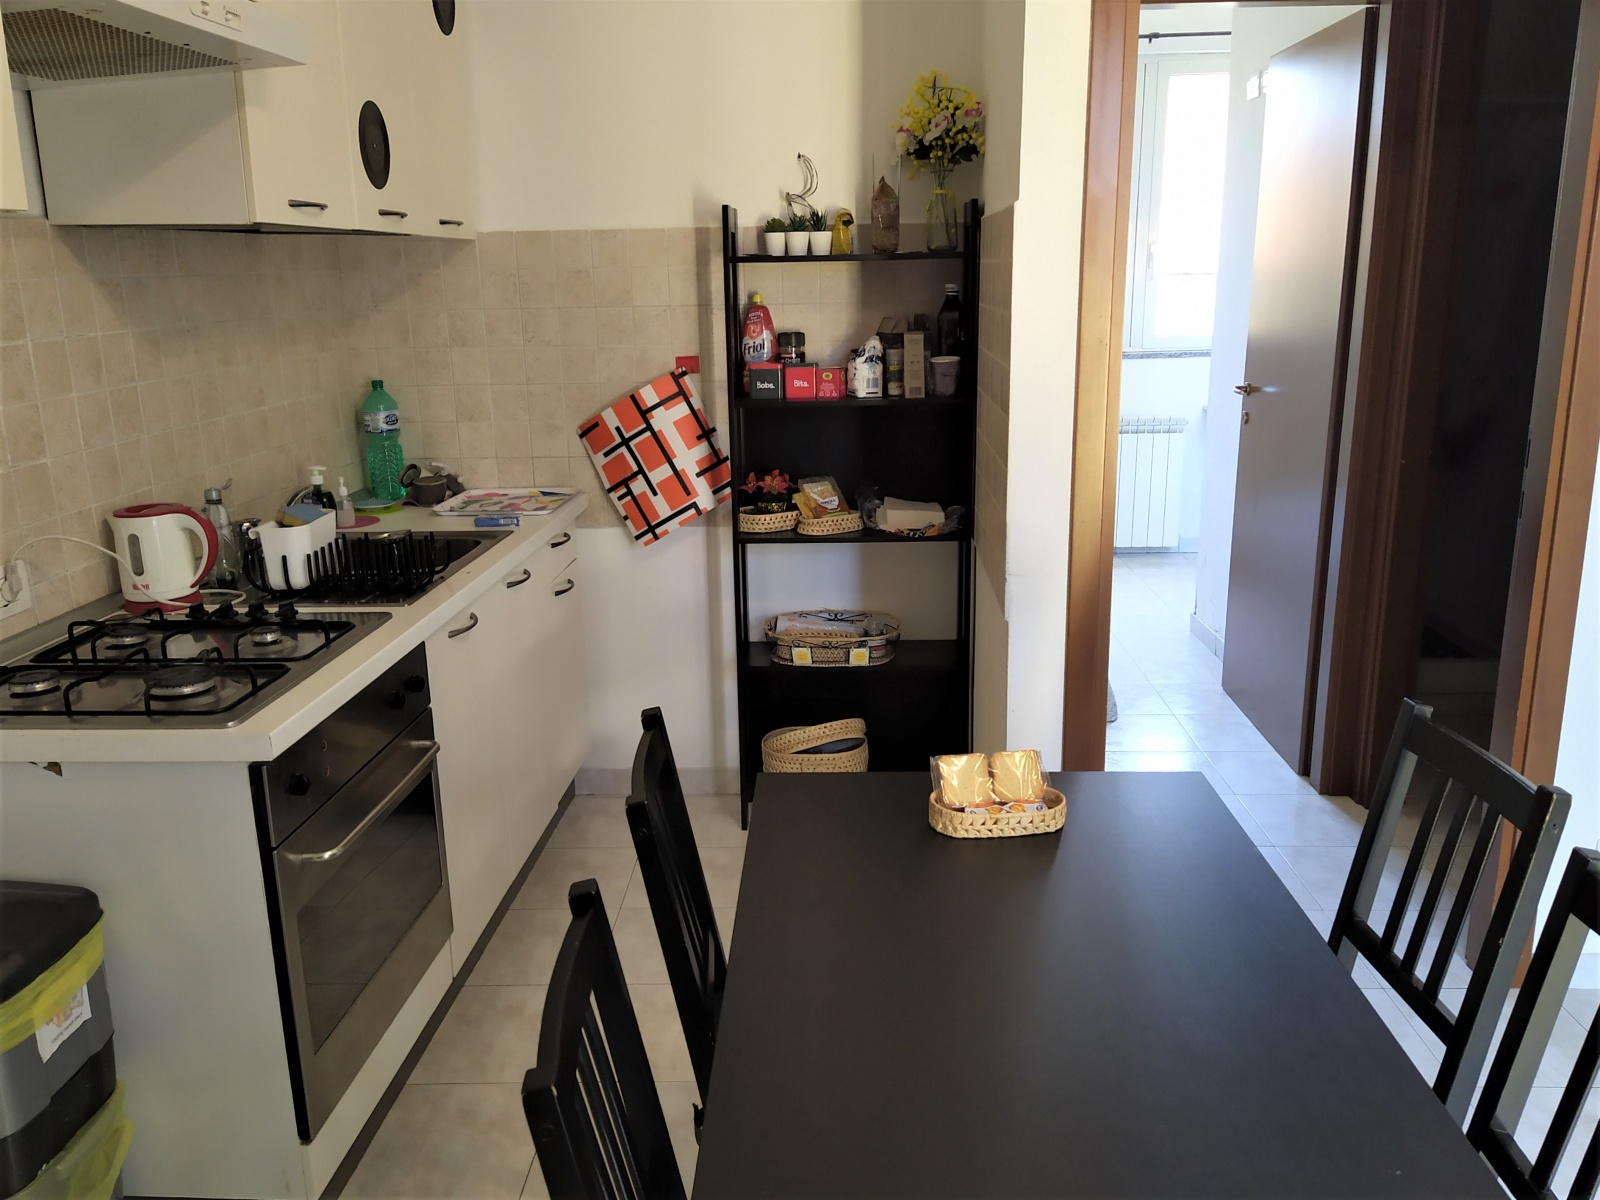 borgo-di-baggio-bilocale-in-vendita-milano-spaziourbano-immobiliare-dove-trovi-casa-real-estate